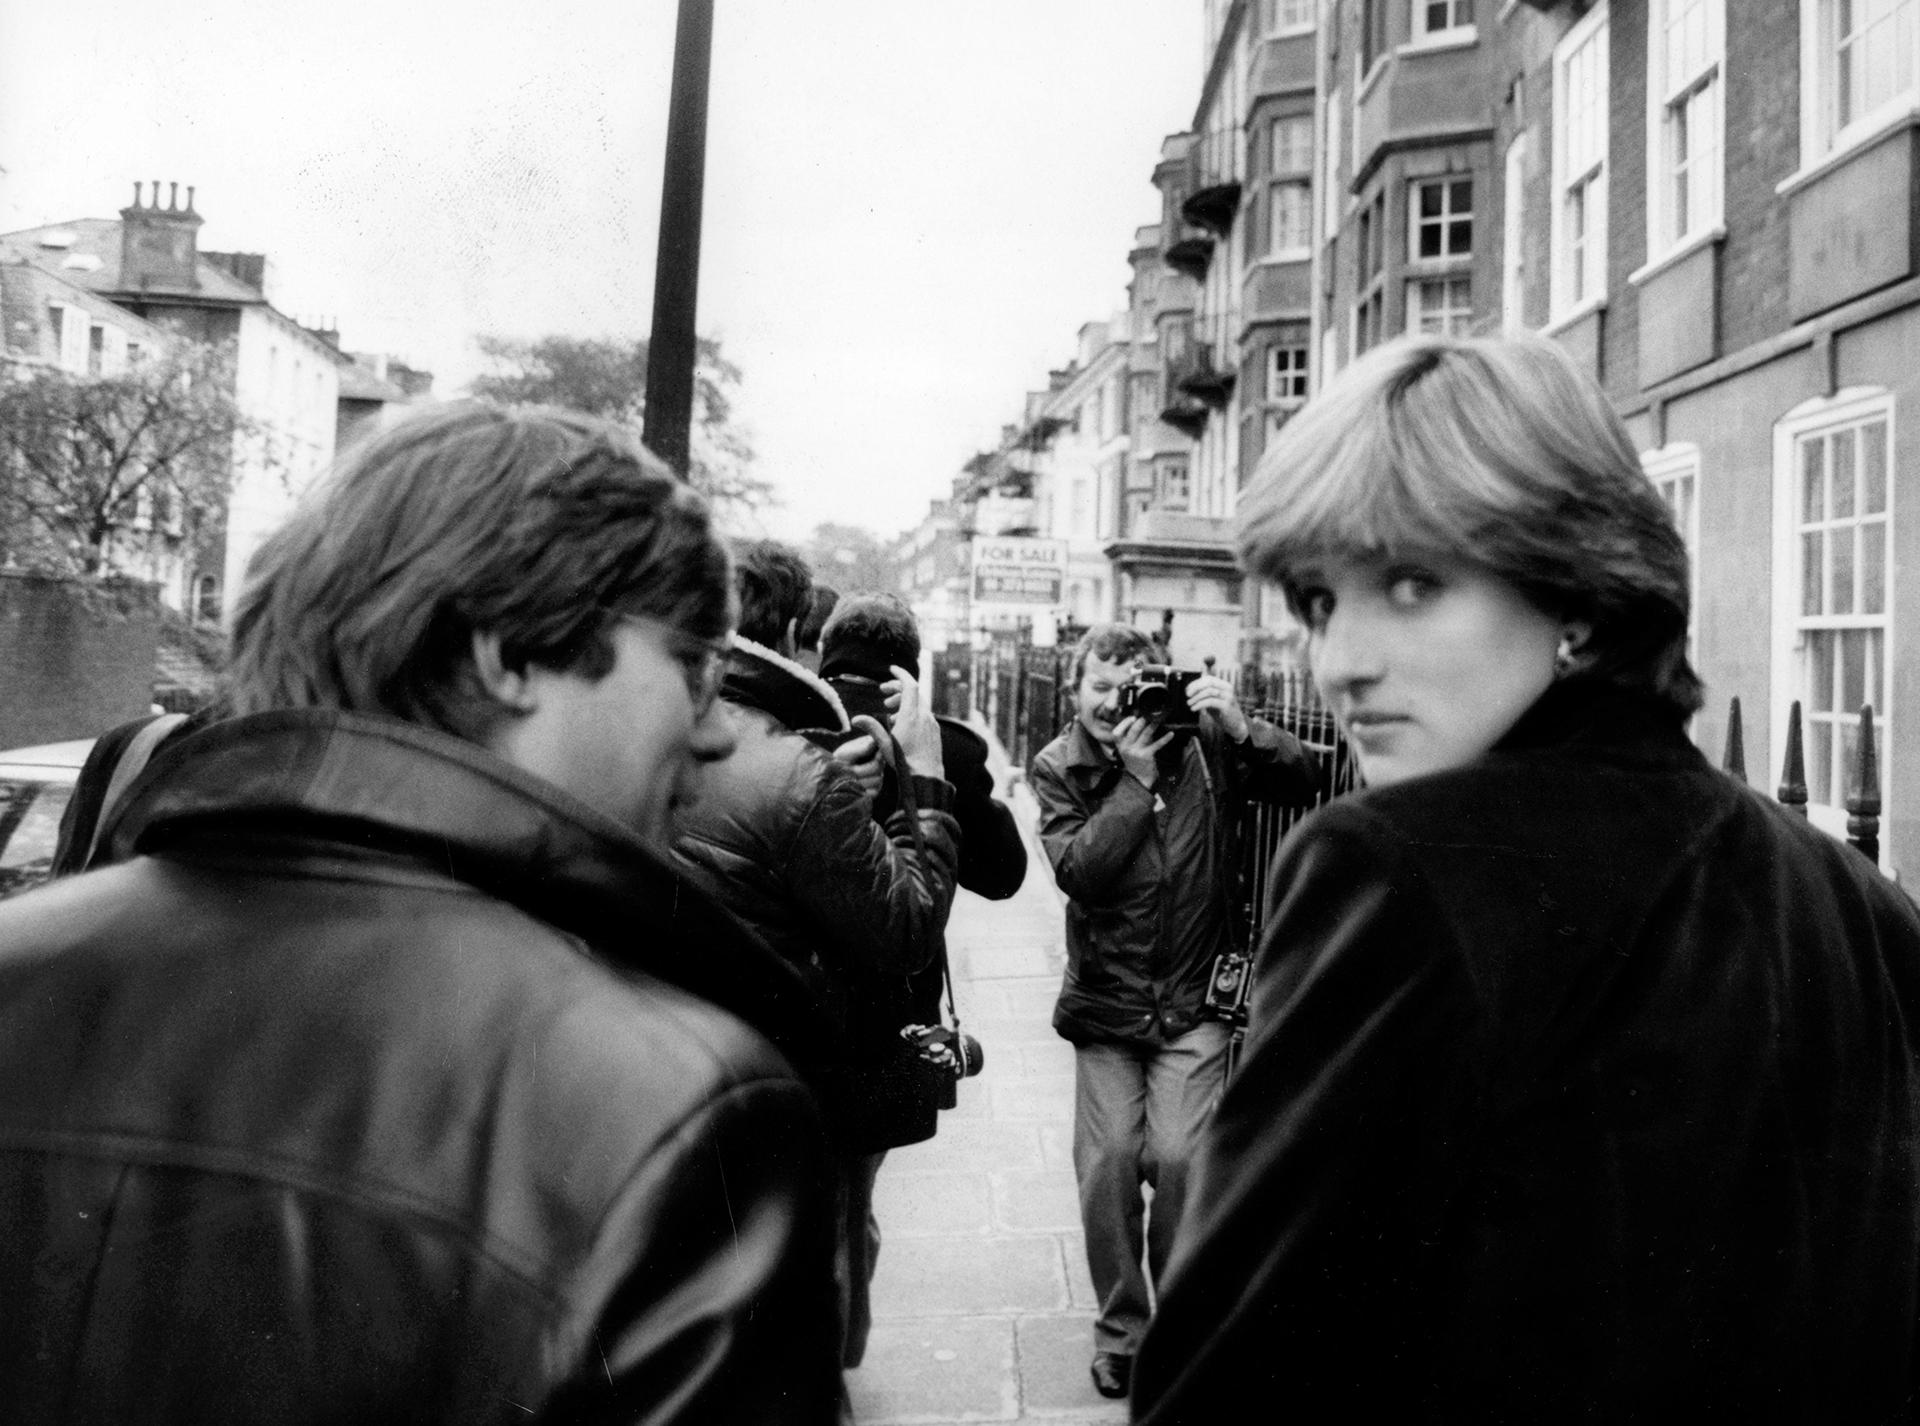 Diana Spencer fue sorprendida por la prensa cuando salíade su departamento en Londres en 1980. Vestía un tapado negro de chiffon (Keystone Pictures USA / Alamy Stock Photo)